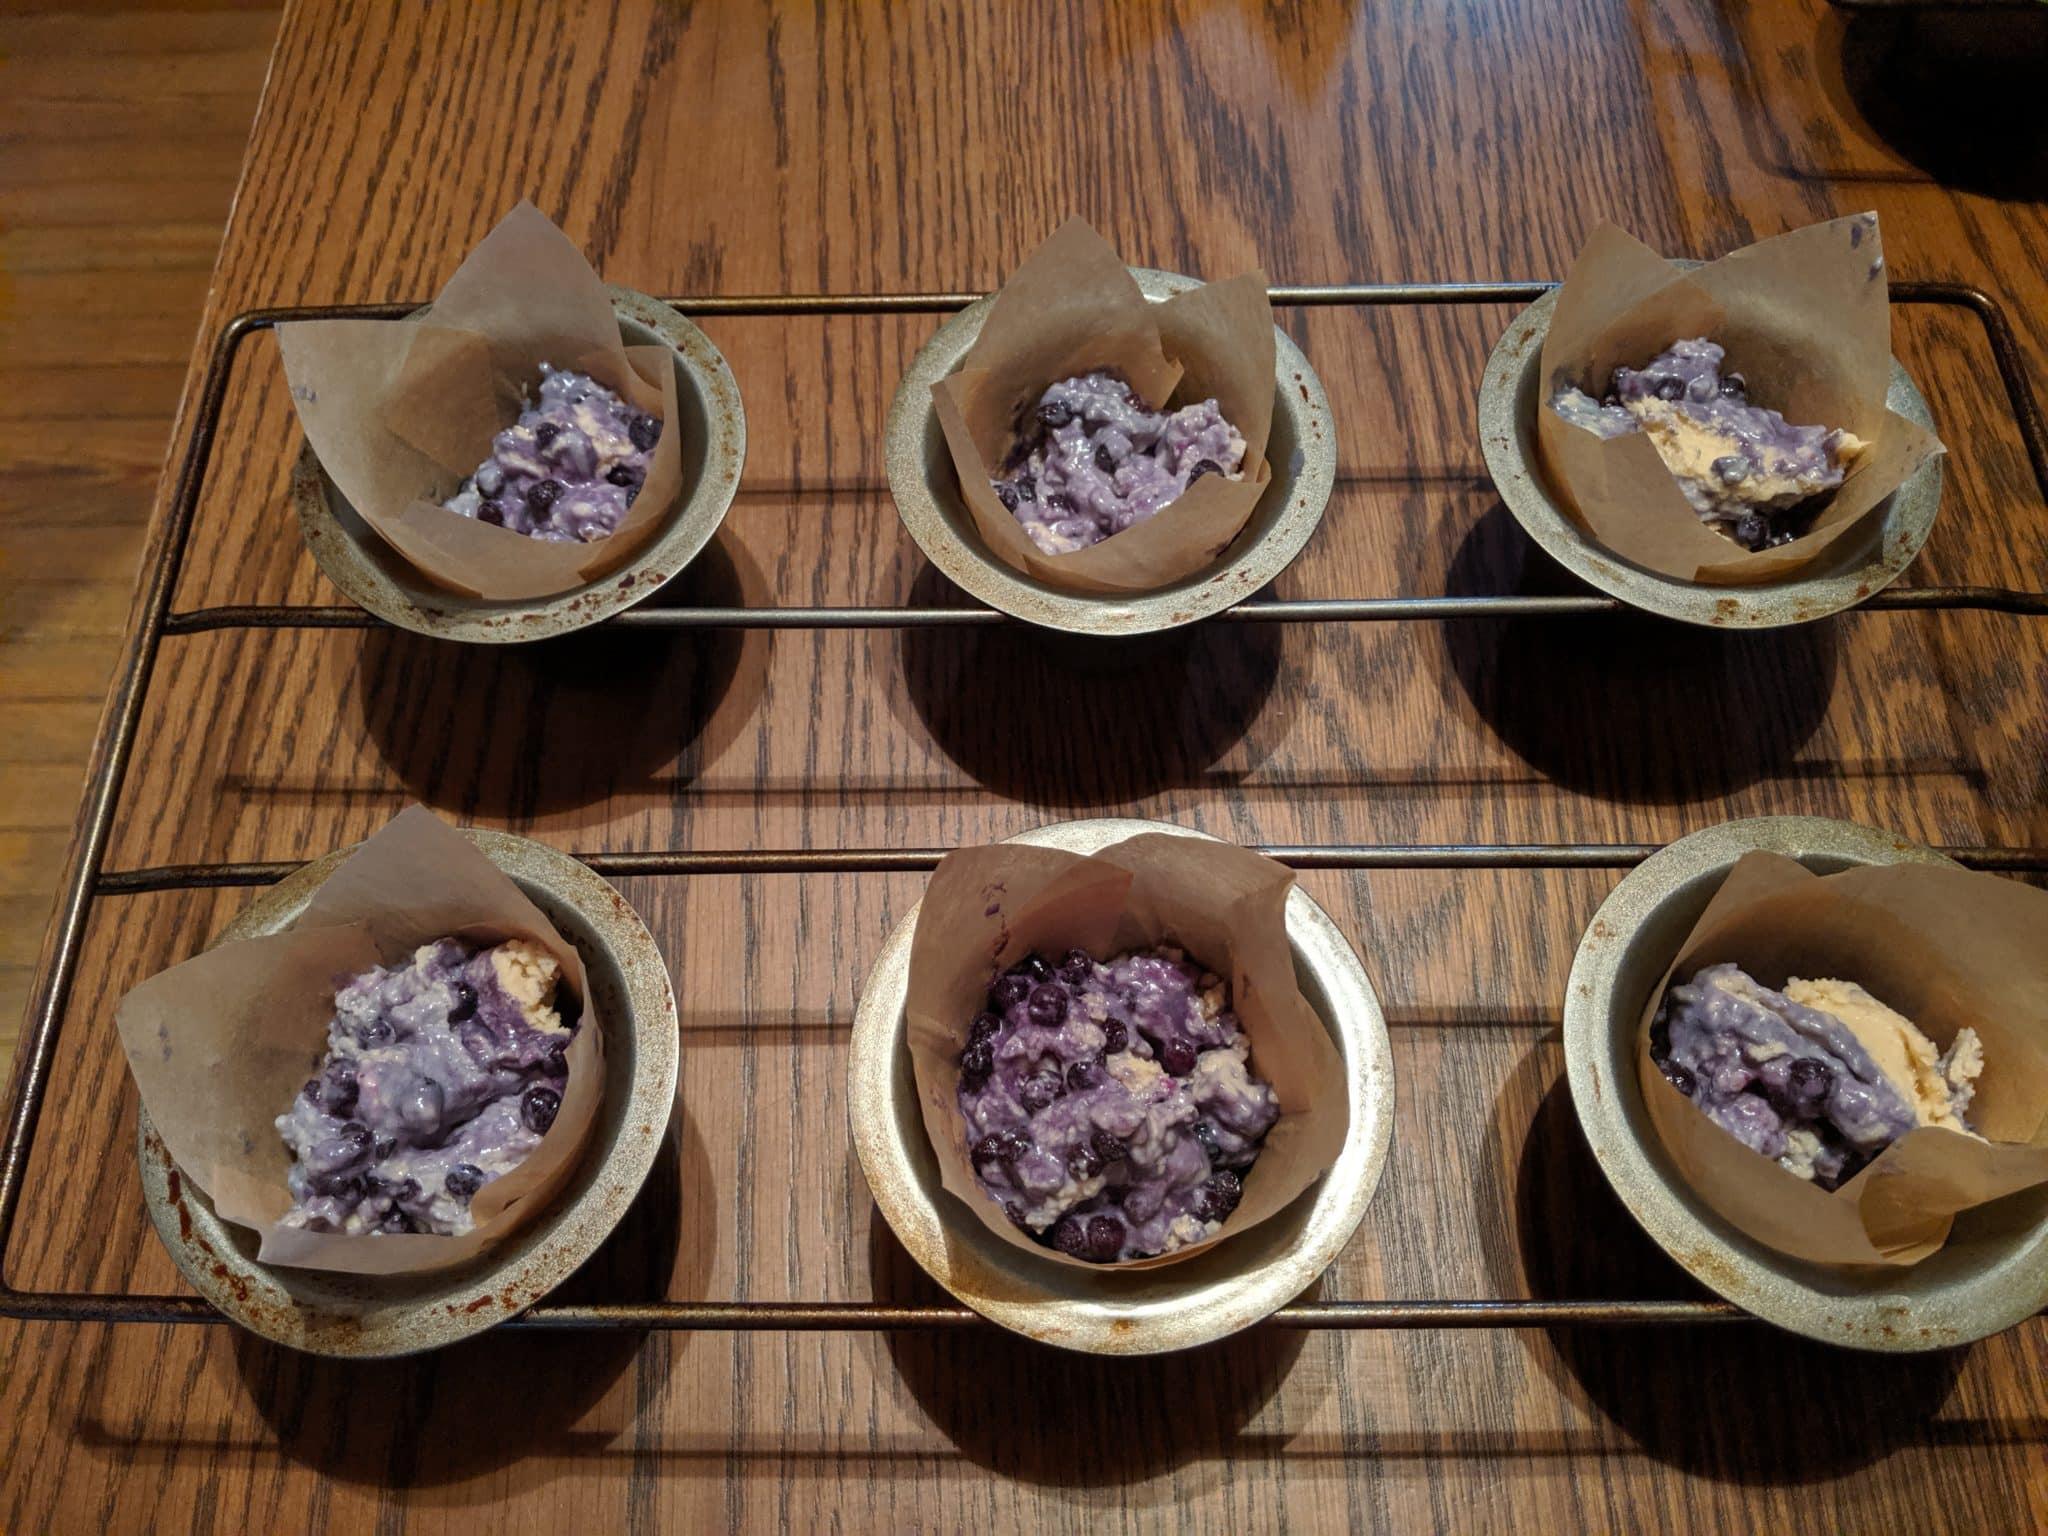 muffin batter in baking tin